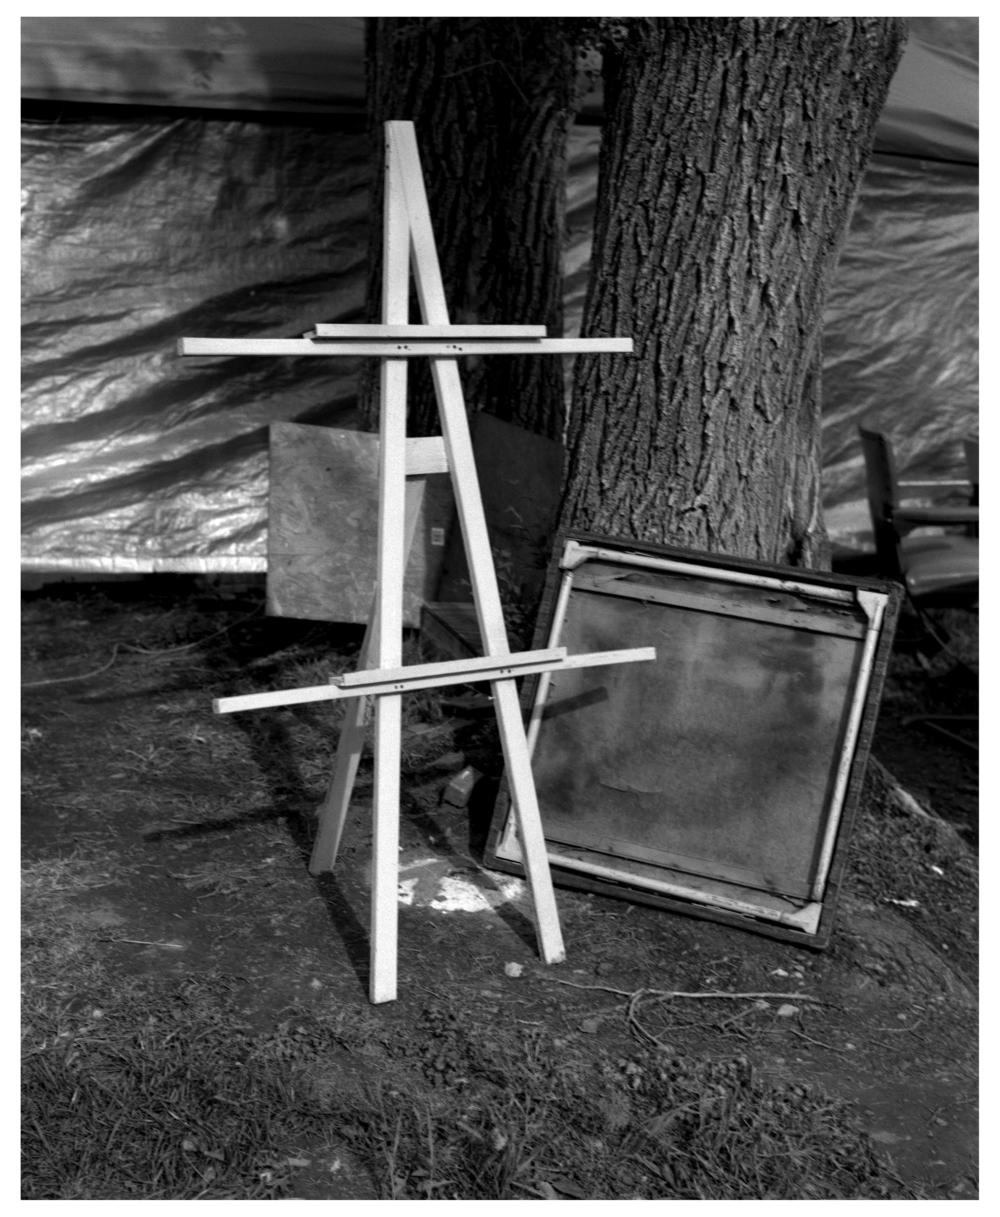 flea market easel - grant edwards photography